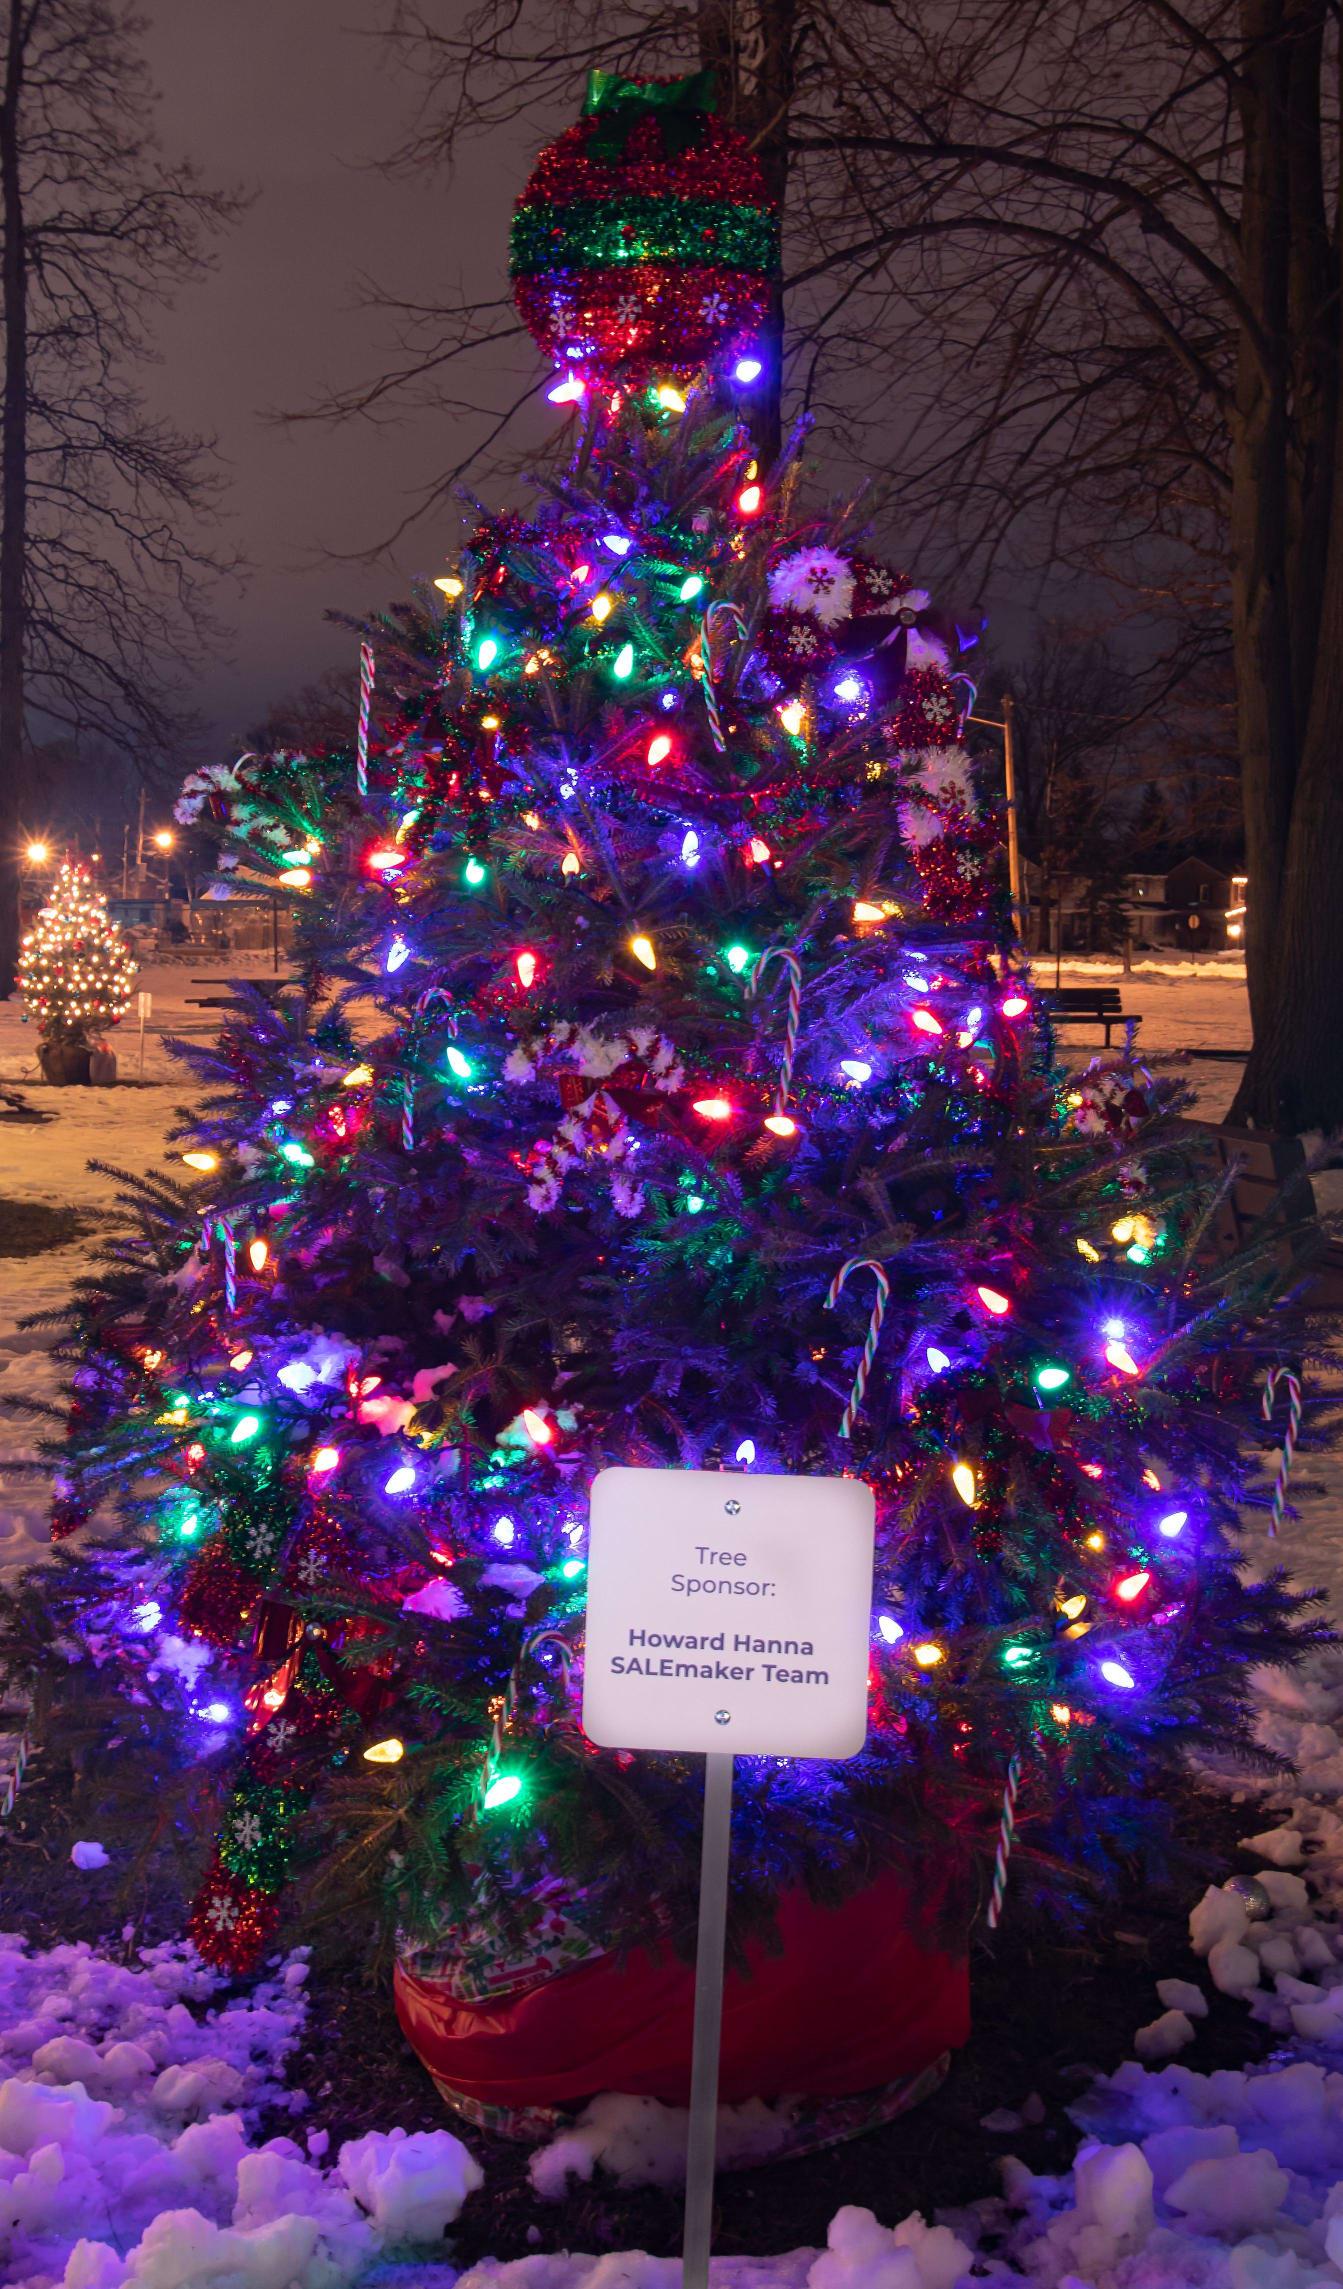 Tree Sponsor - Howard Hanna SALEmaker Team!